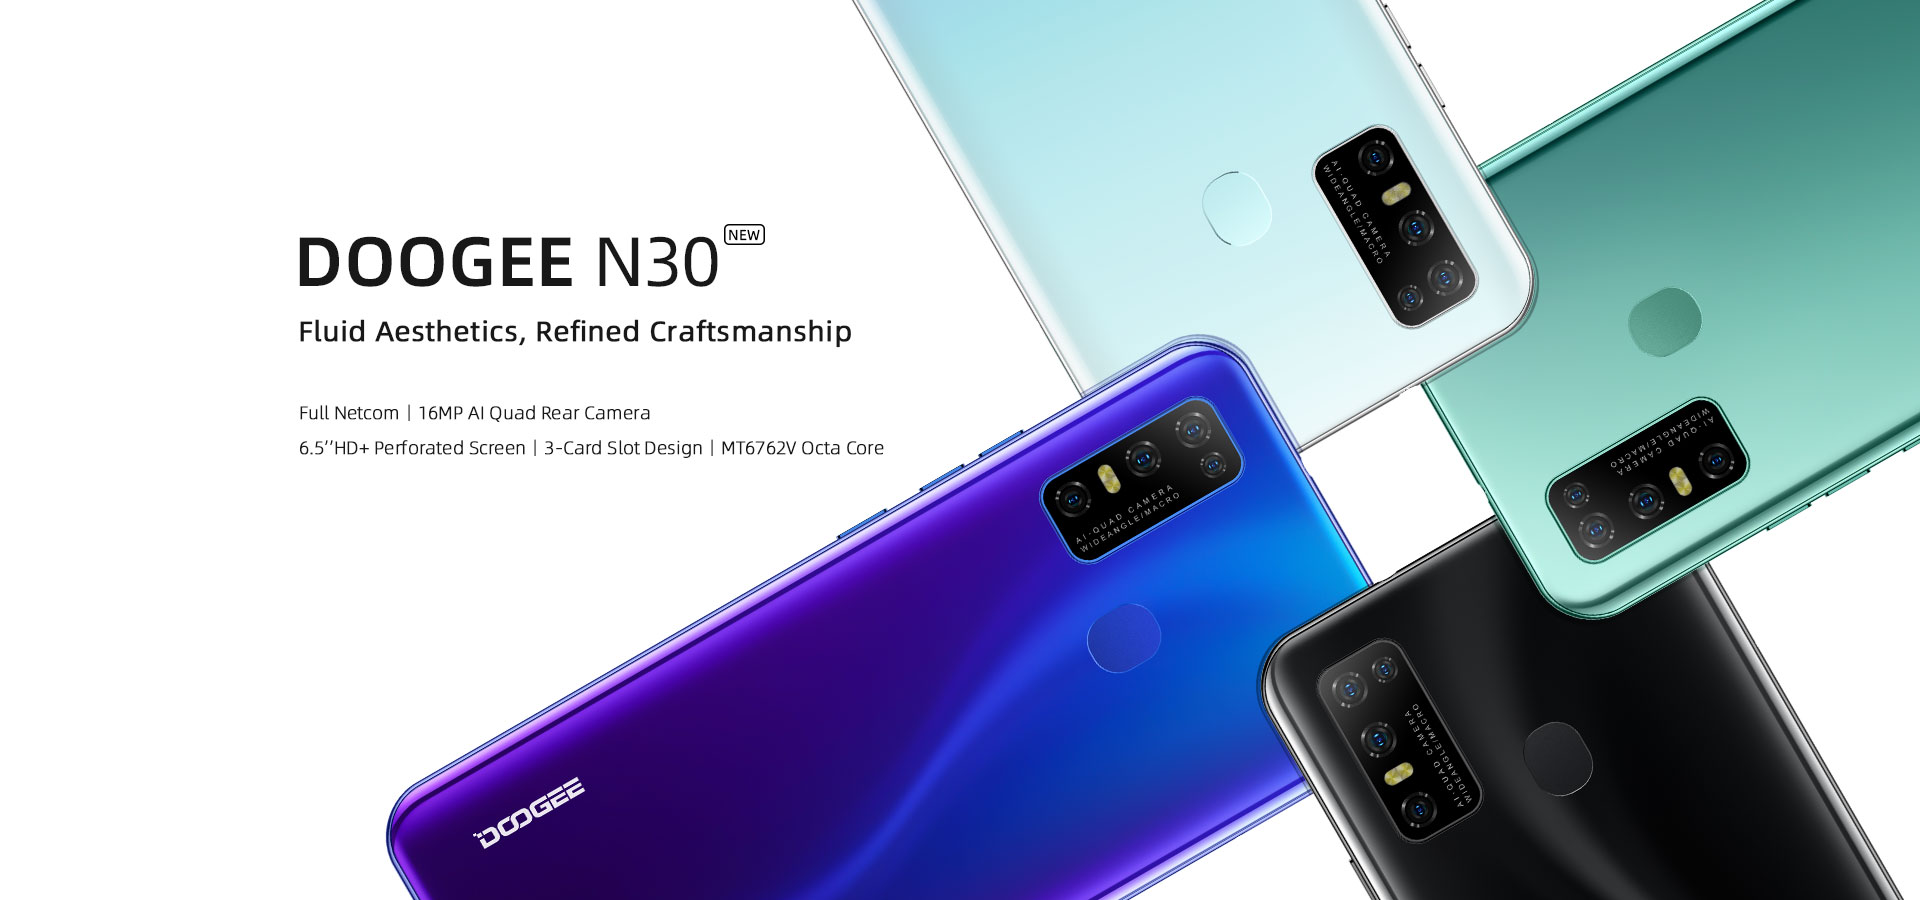 Doogee N30 Budget smartphone